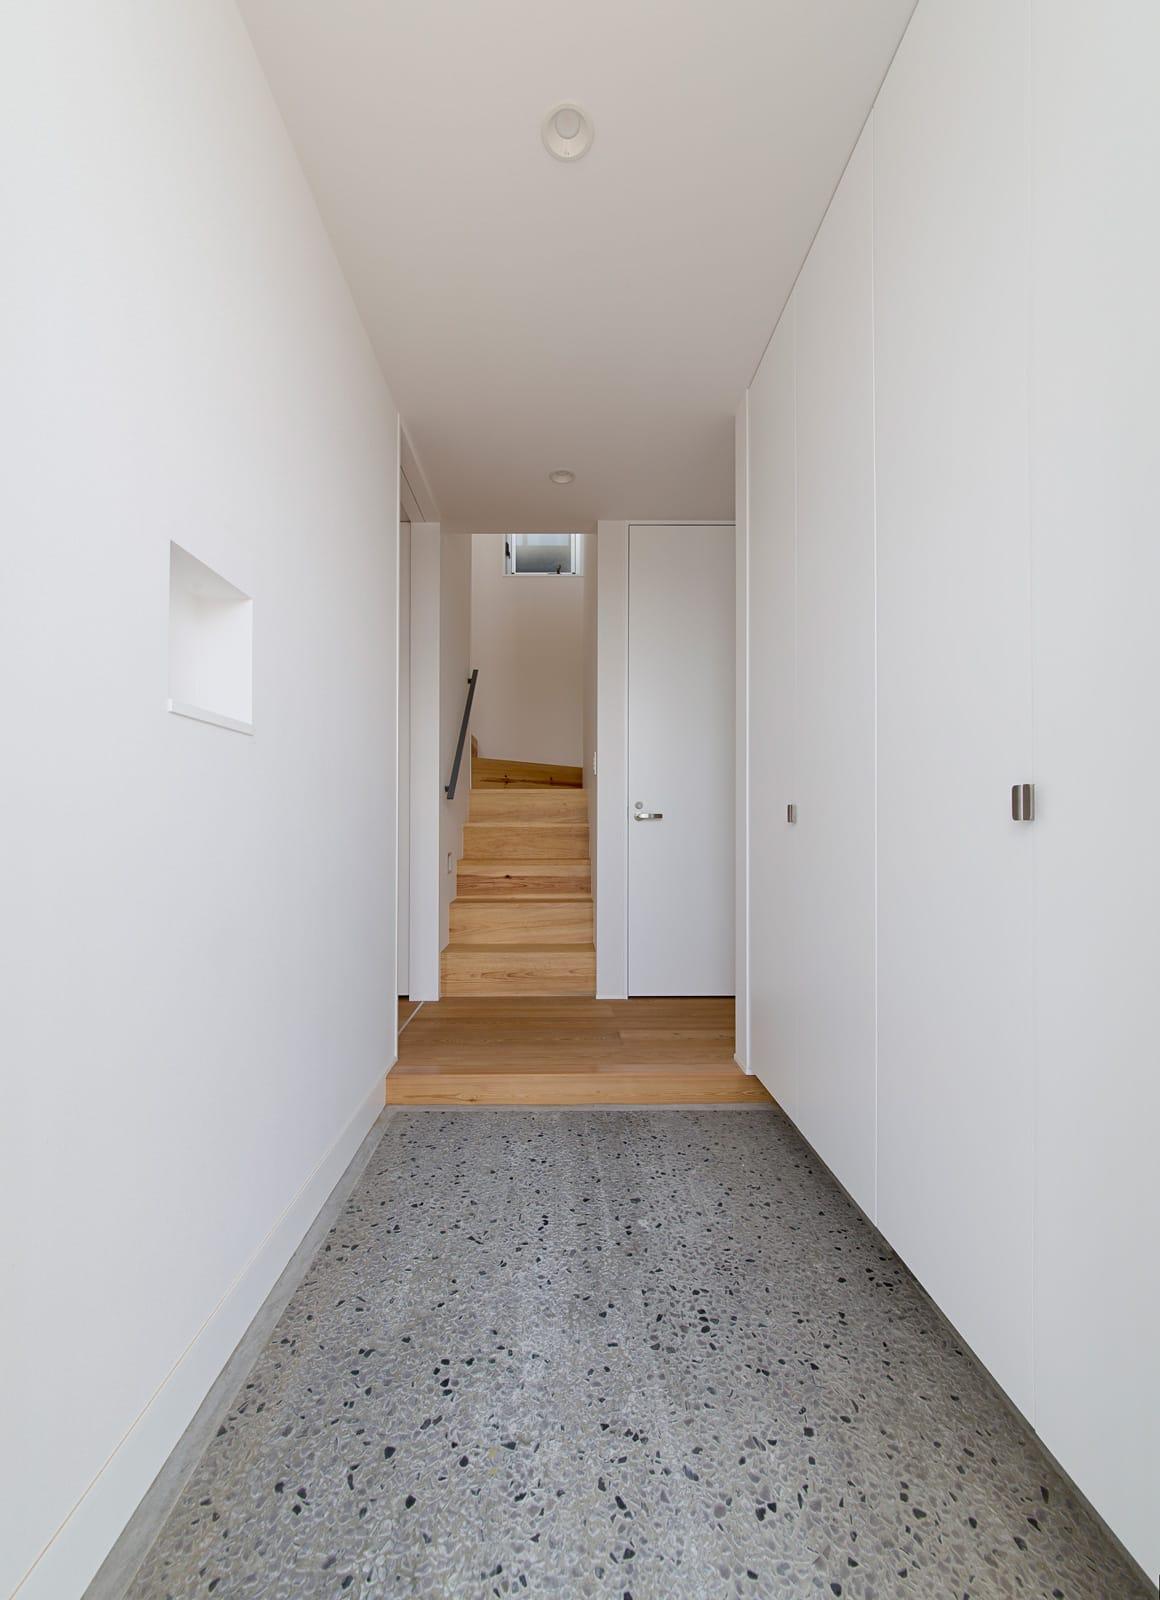 開放的なスキップフロア住宅の玄関(土間・ホール)1